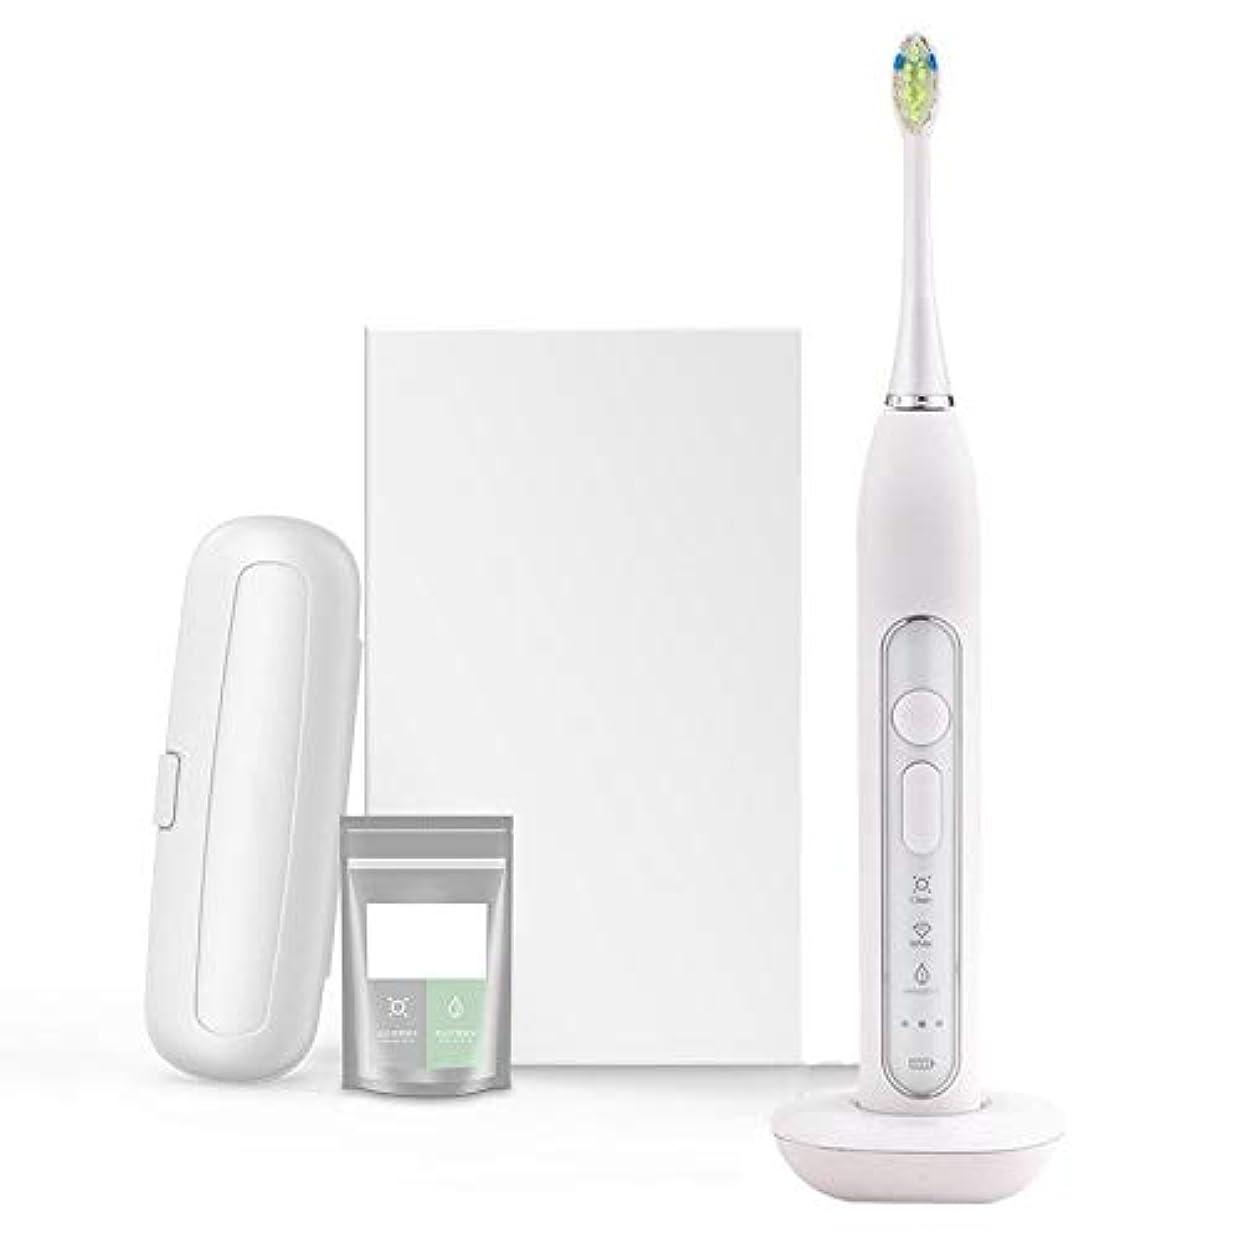 ペア完璧不機嫌ハウス高周波振動電動ホワイトニング歯ブラシ用敏感な口腔ブラシヘッド、3クリーニングクラス変換モード付きリマインダーゾーンusb機能ローディング